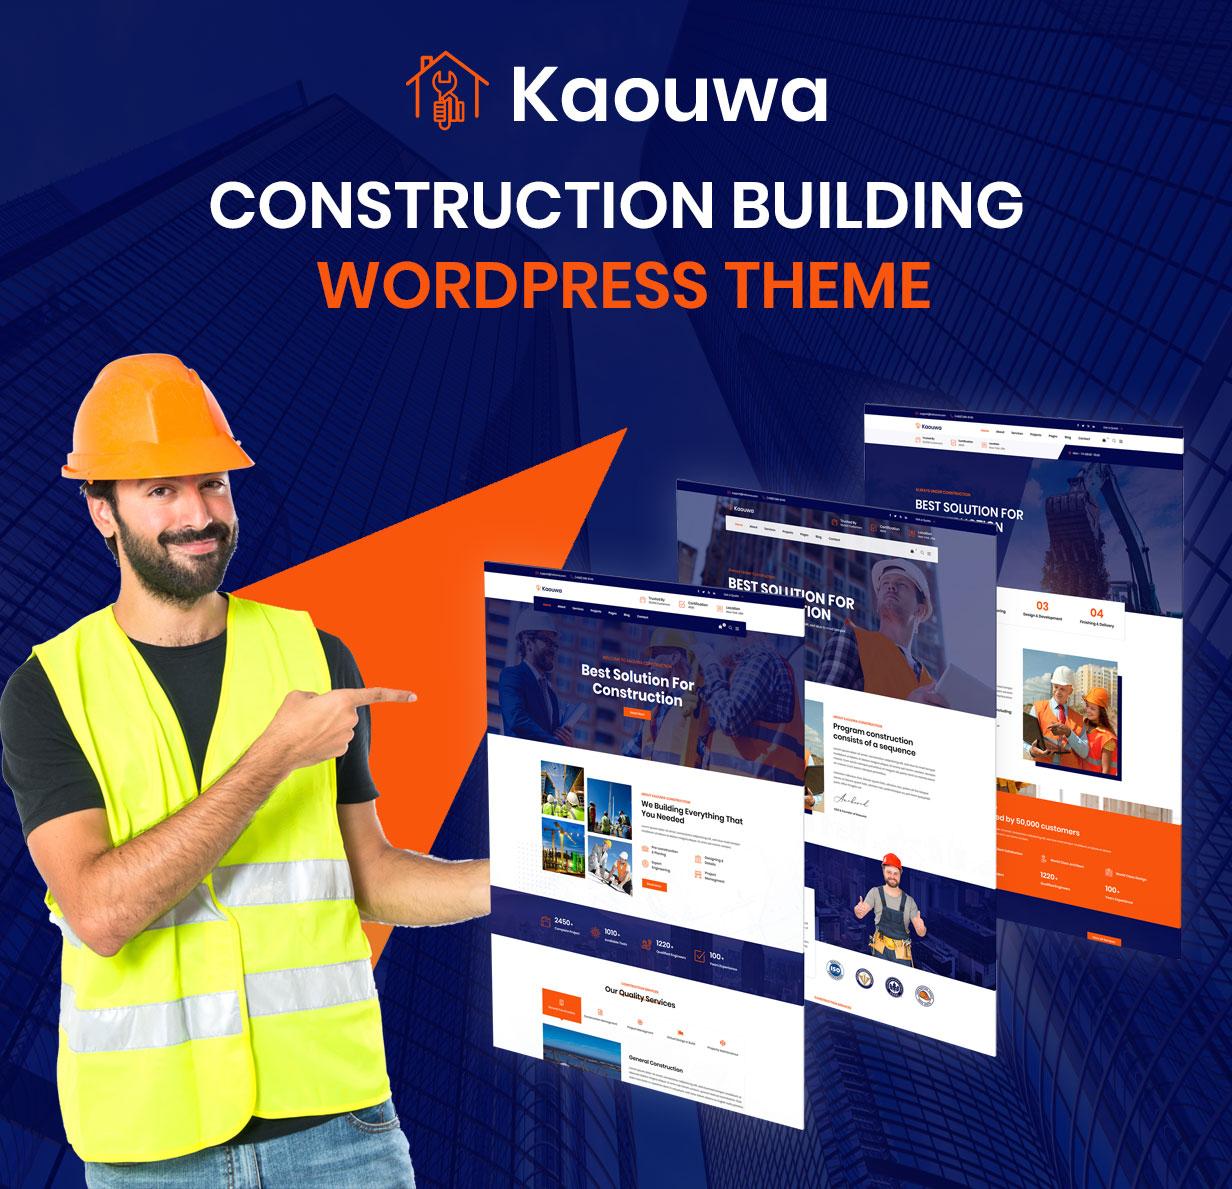 Kaouwa - WordPress Construction Building Theme - 3